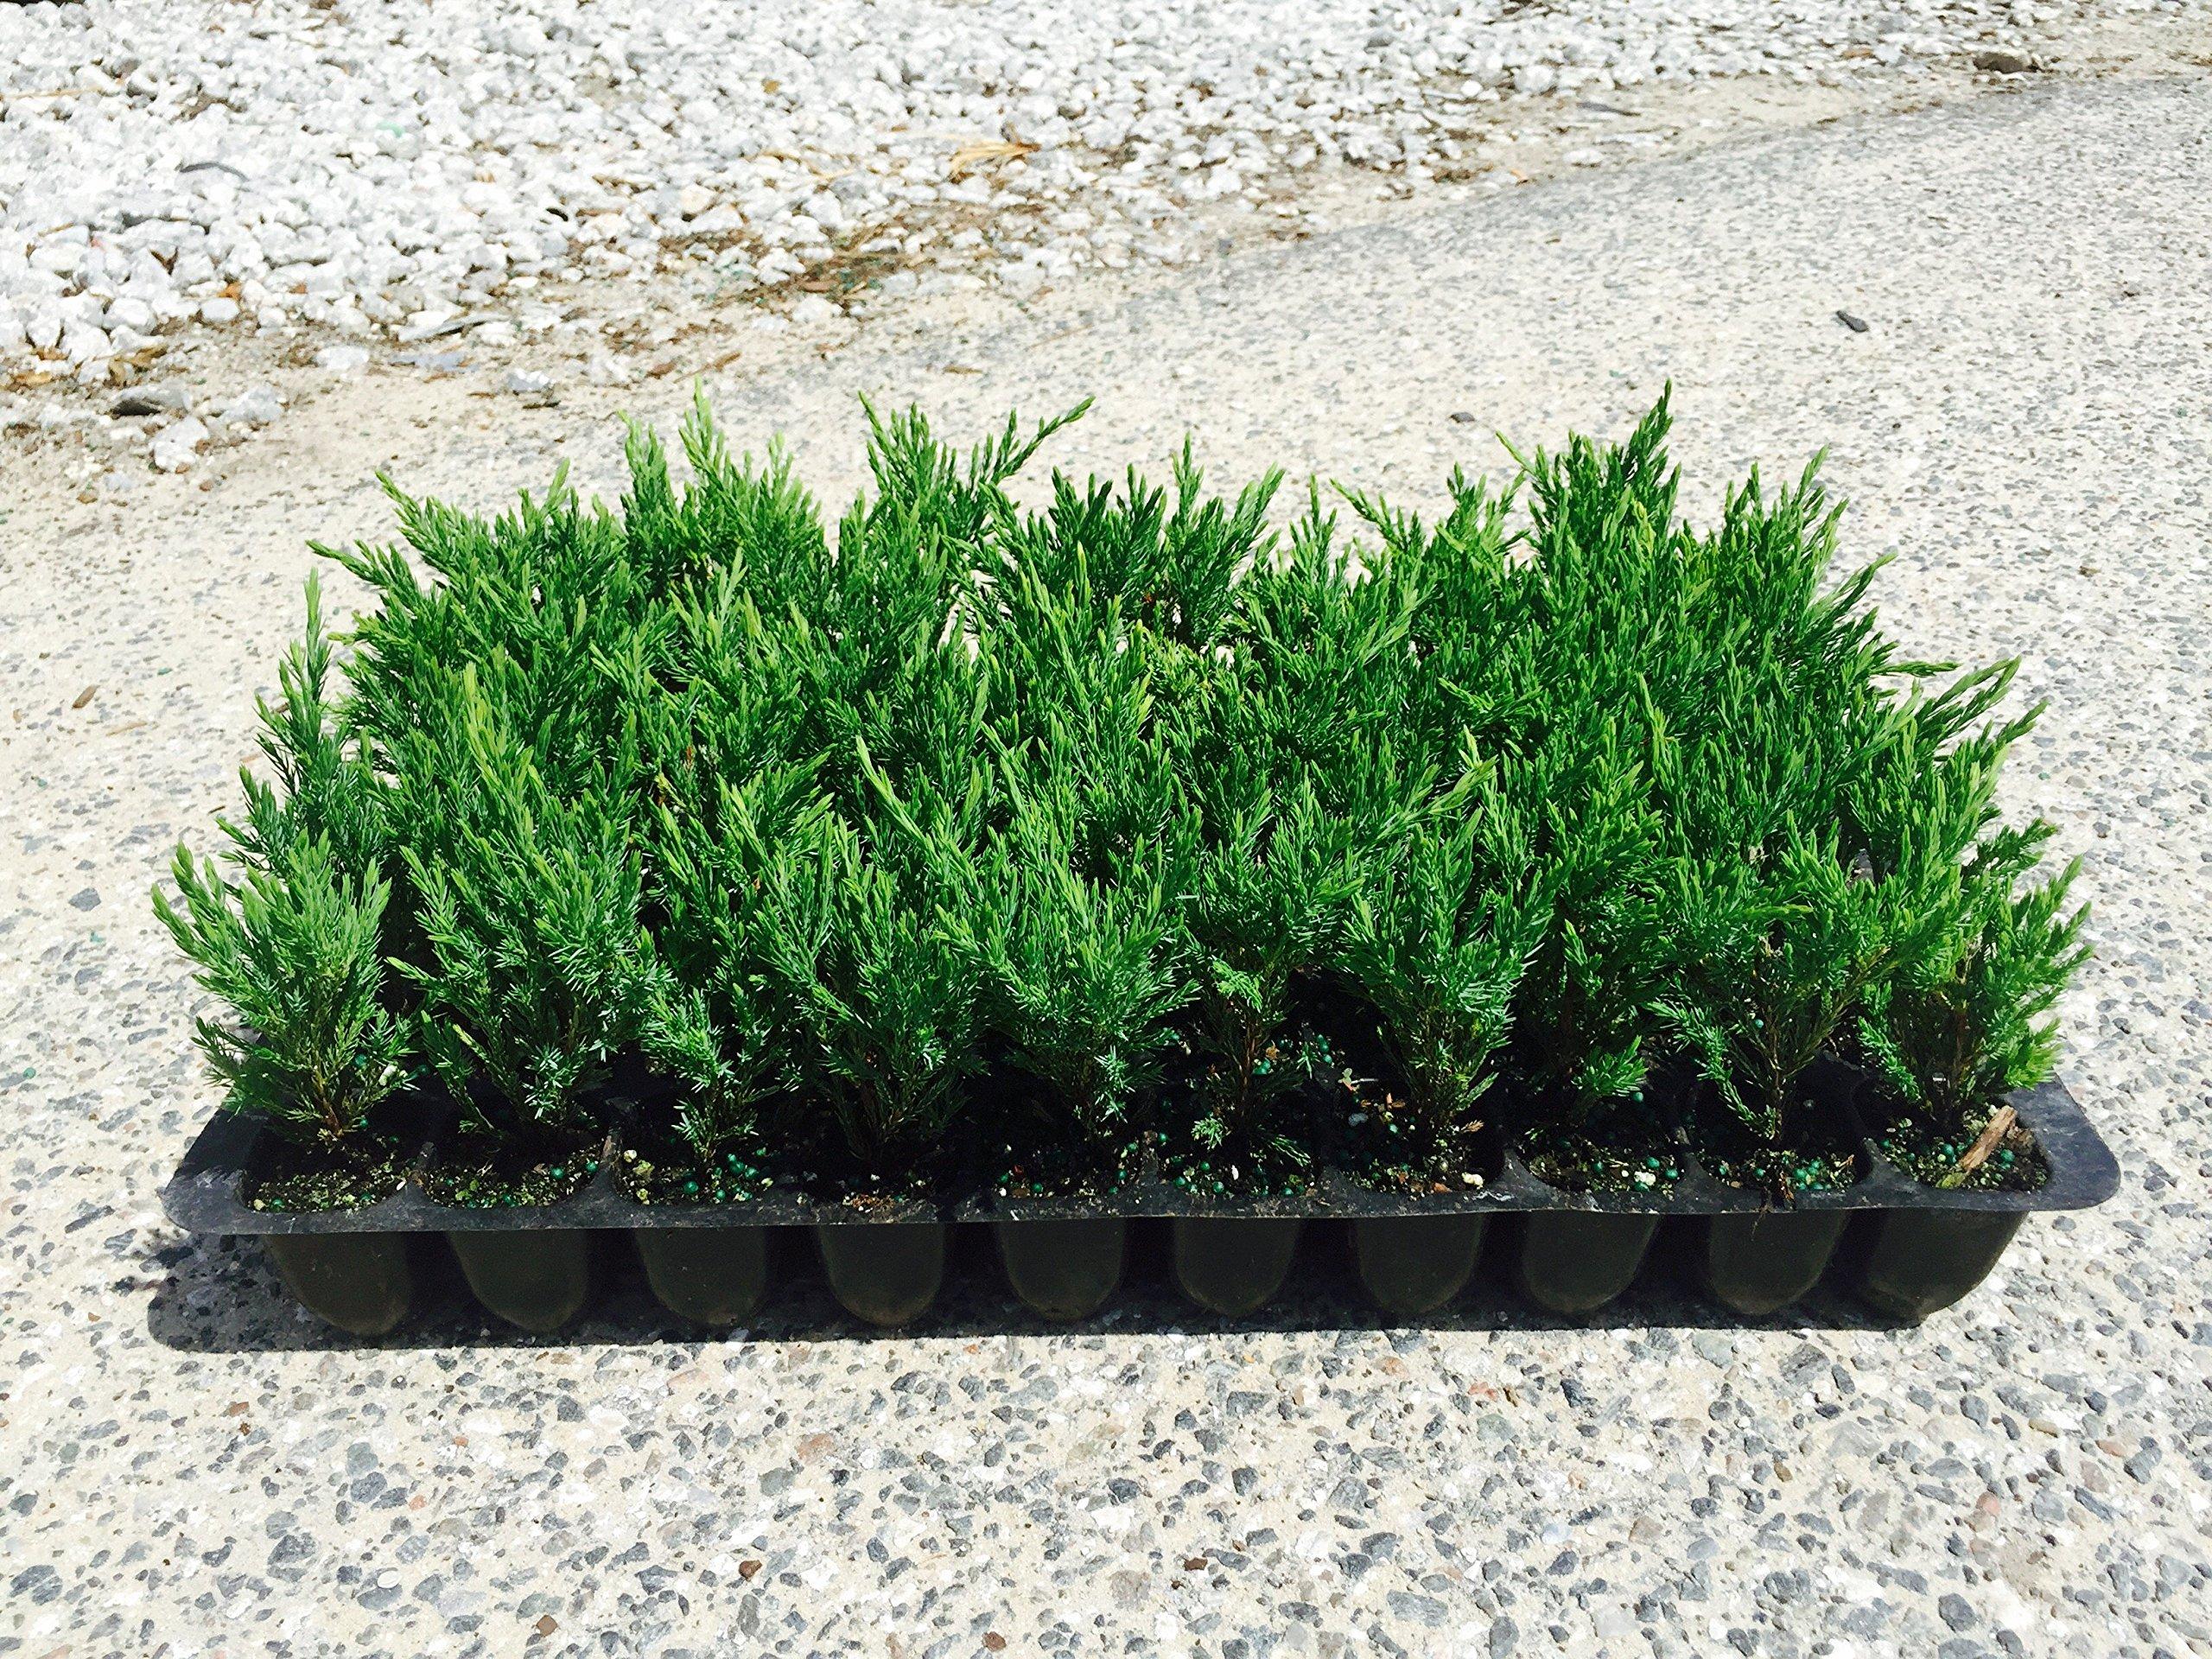 Andorra Compacta Juniper Qty 60 Live Plants Evergreen Ground Cover